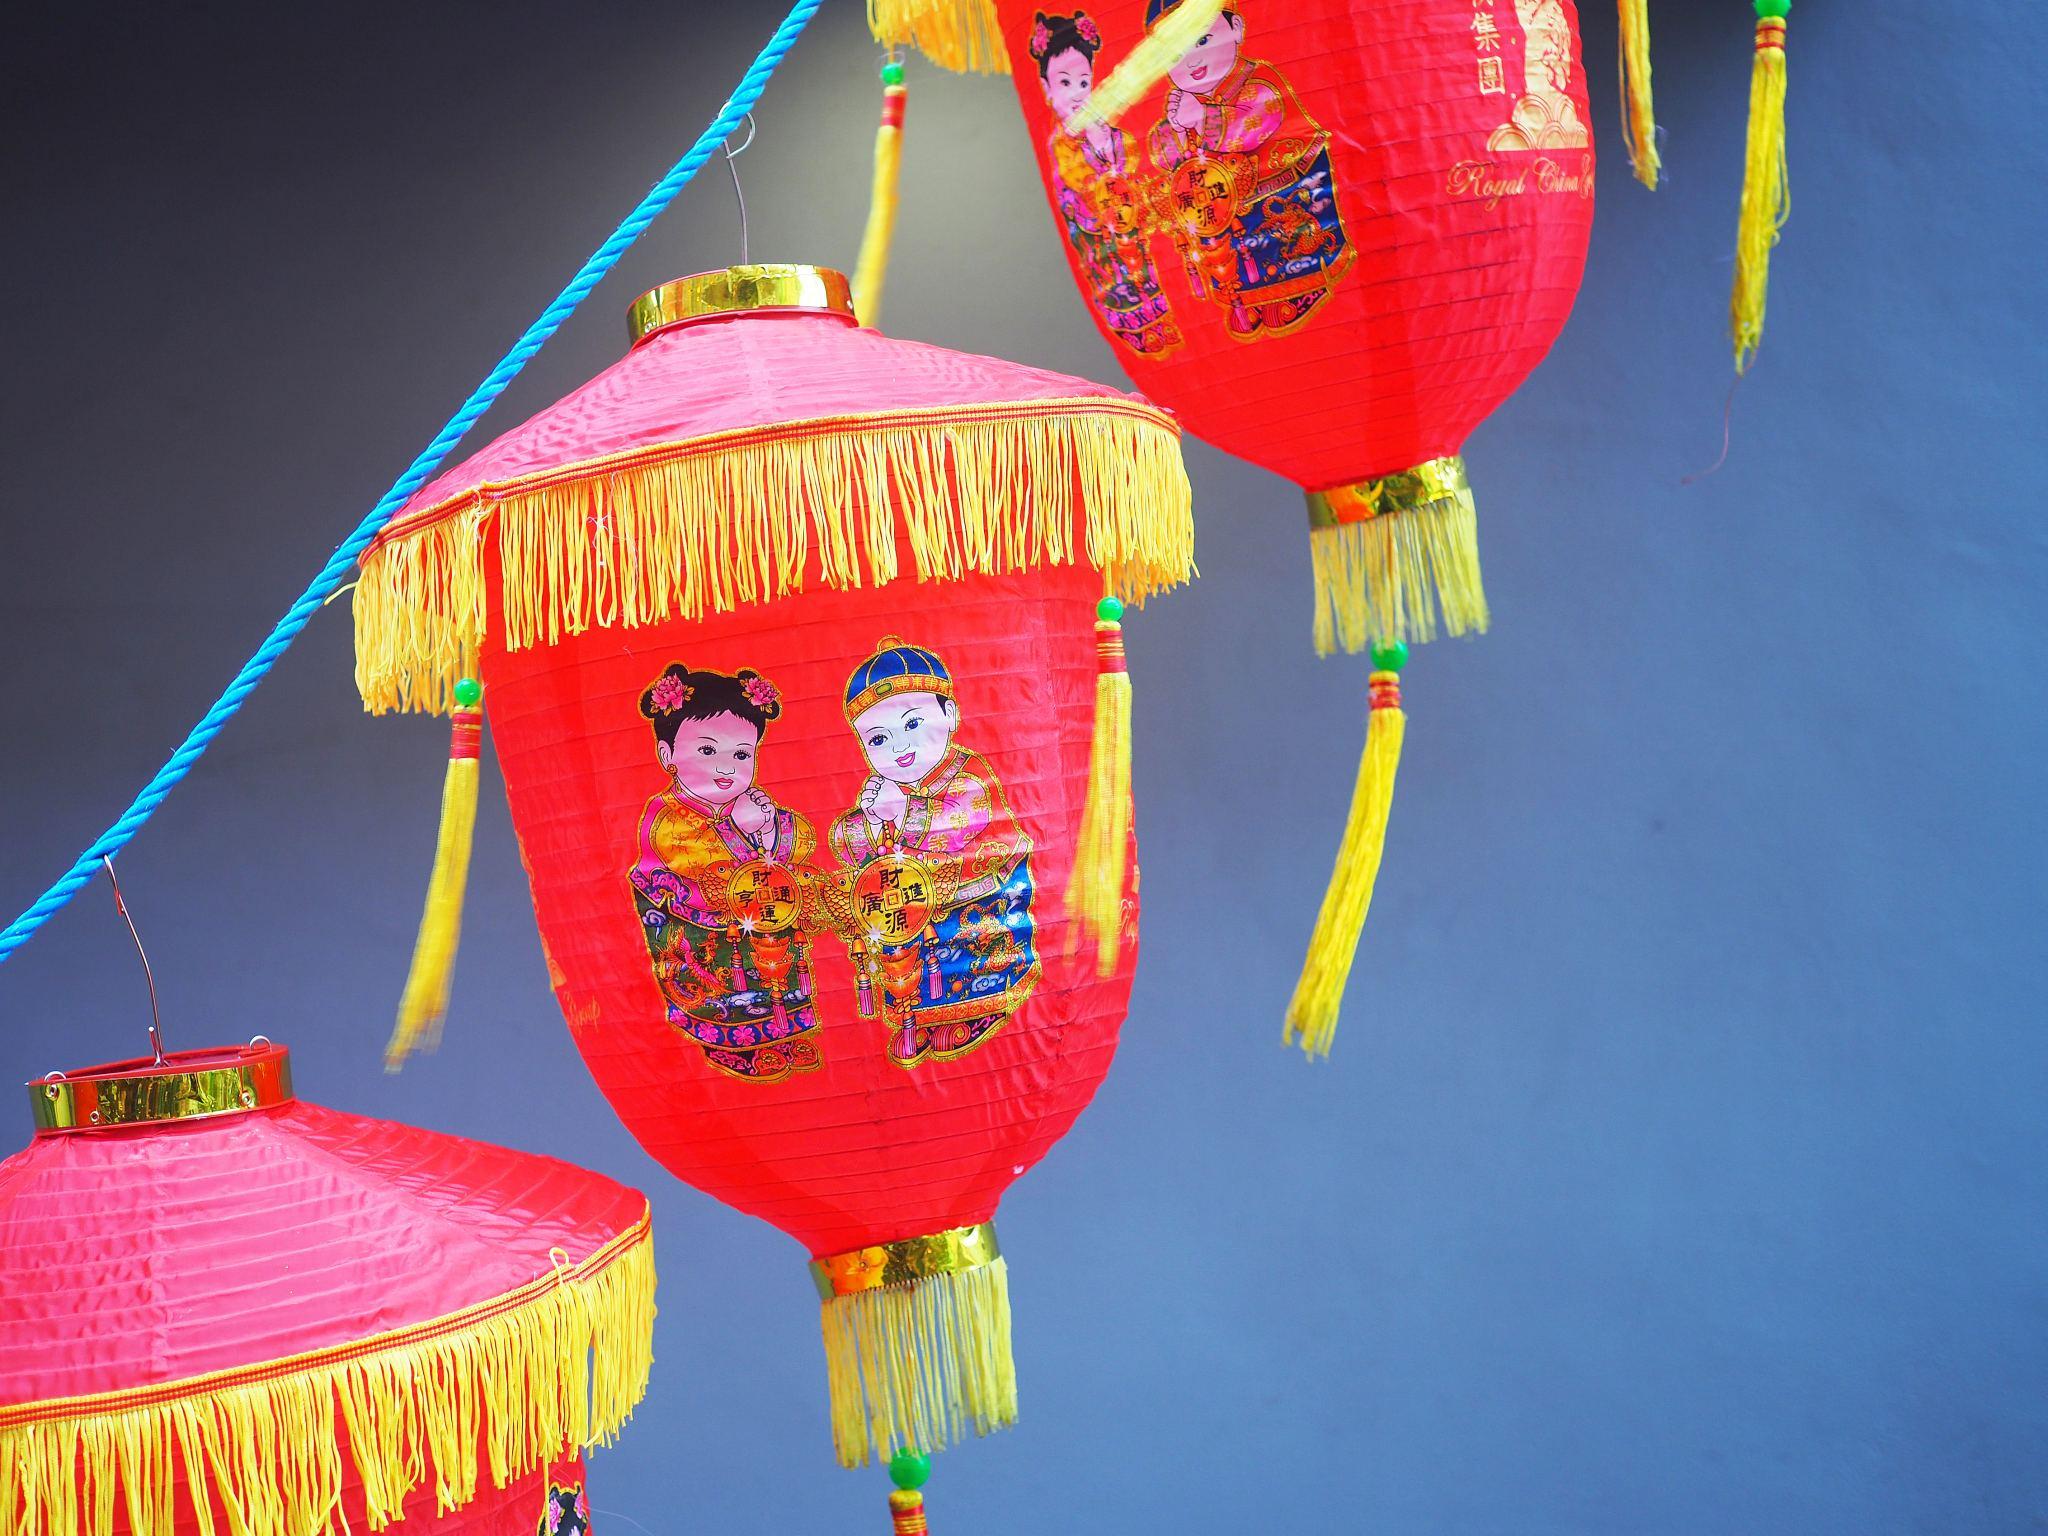 Chinatown - Chinese New Year